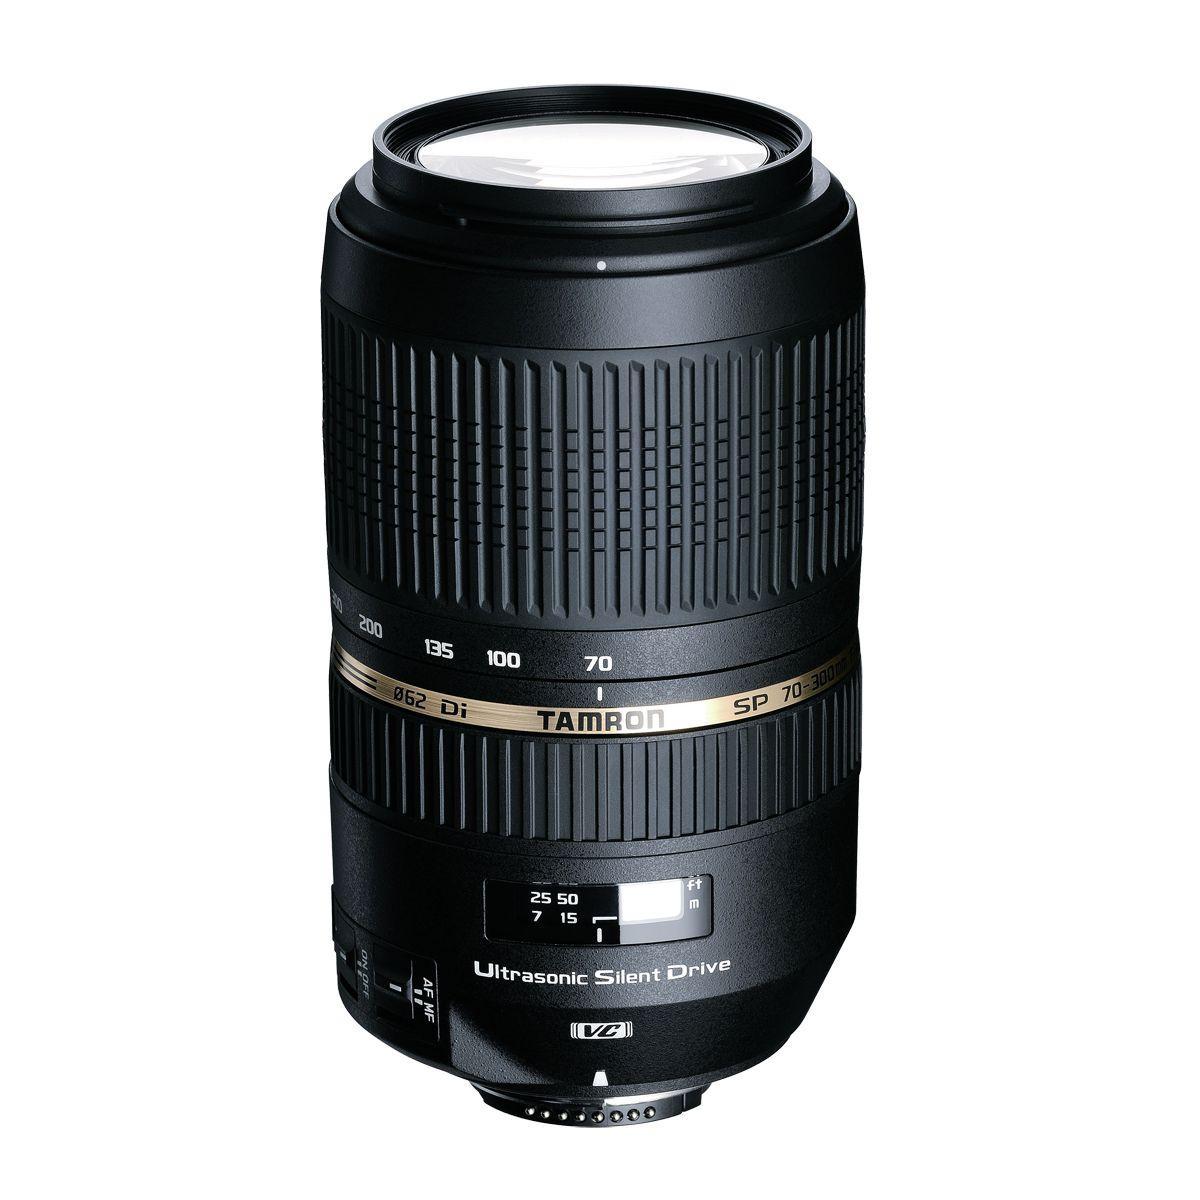 Objectif tamron sp af 70-300mm f/4-5,6 nikon di vc usd (pour reflex nikon)